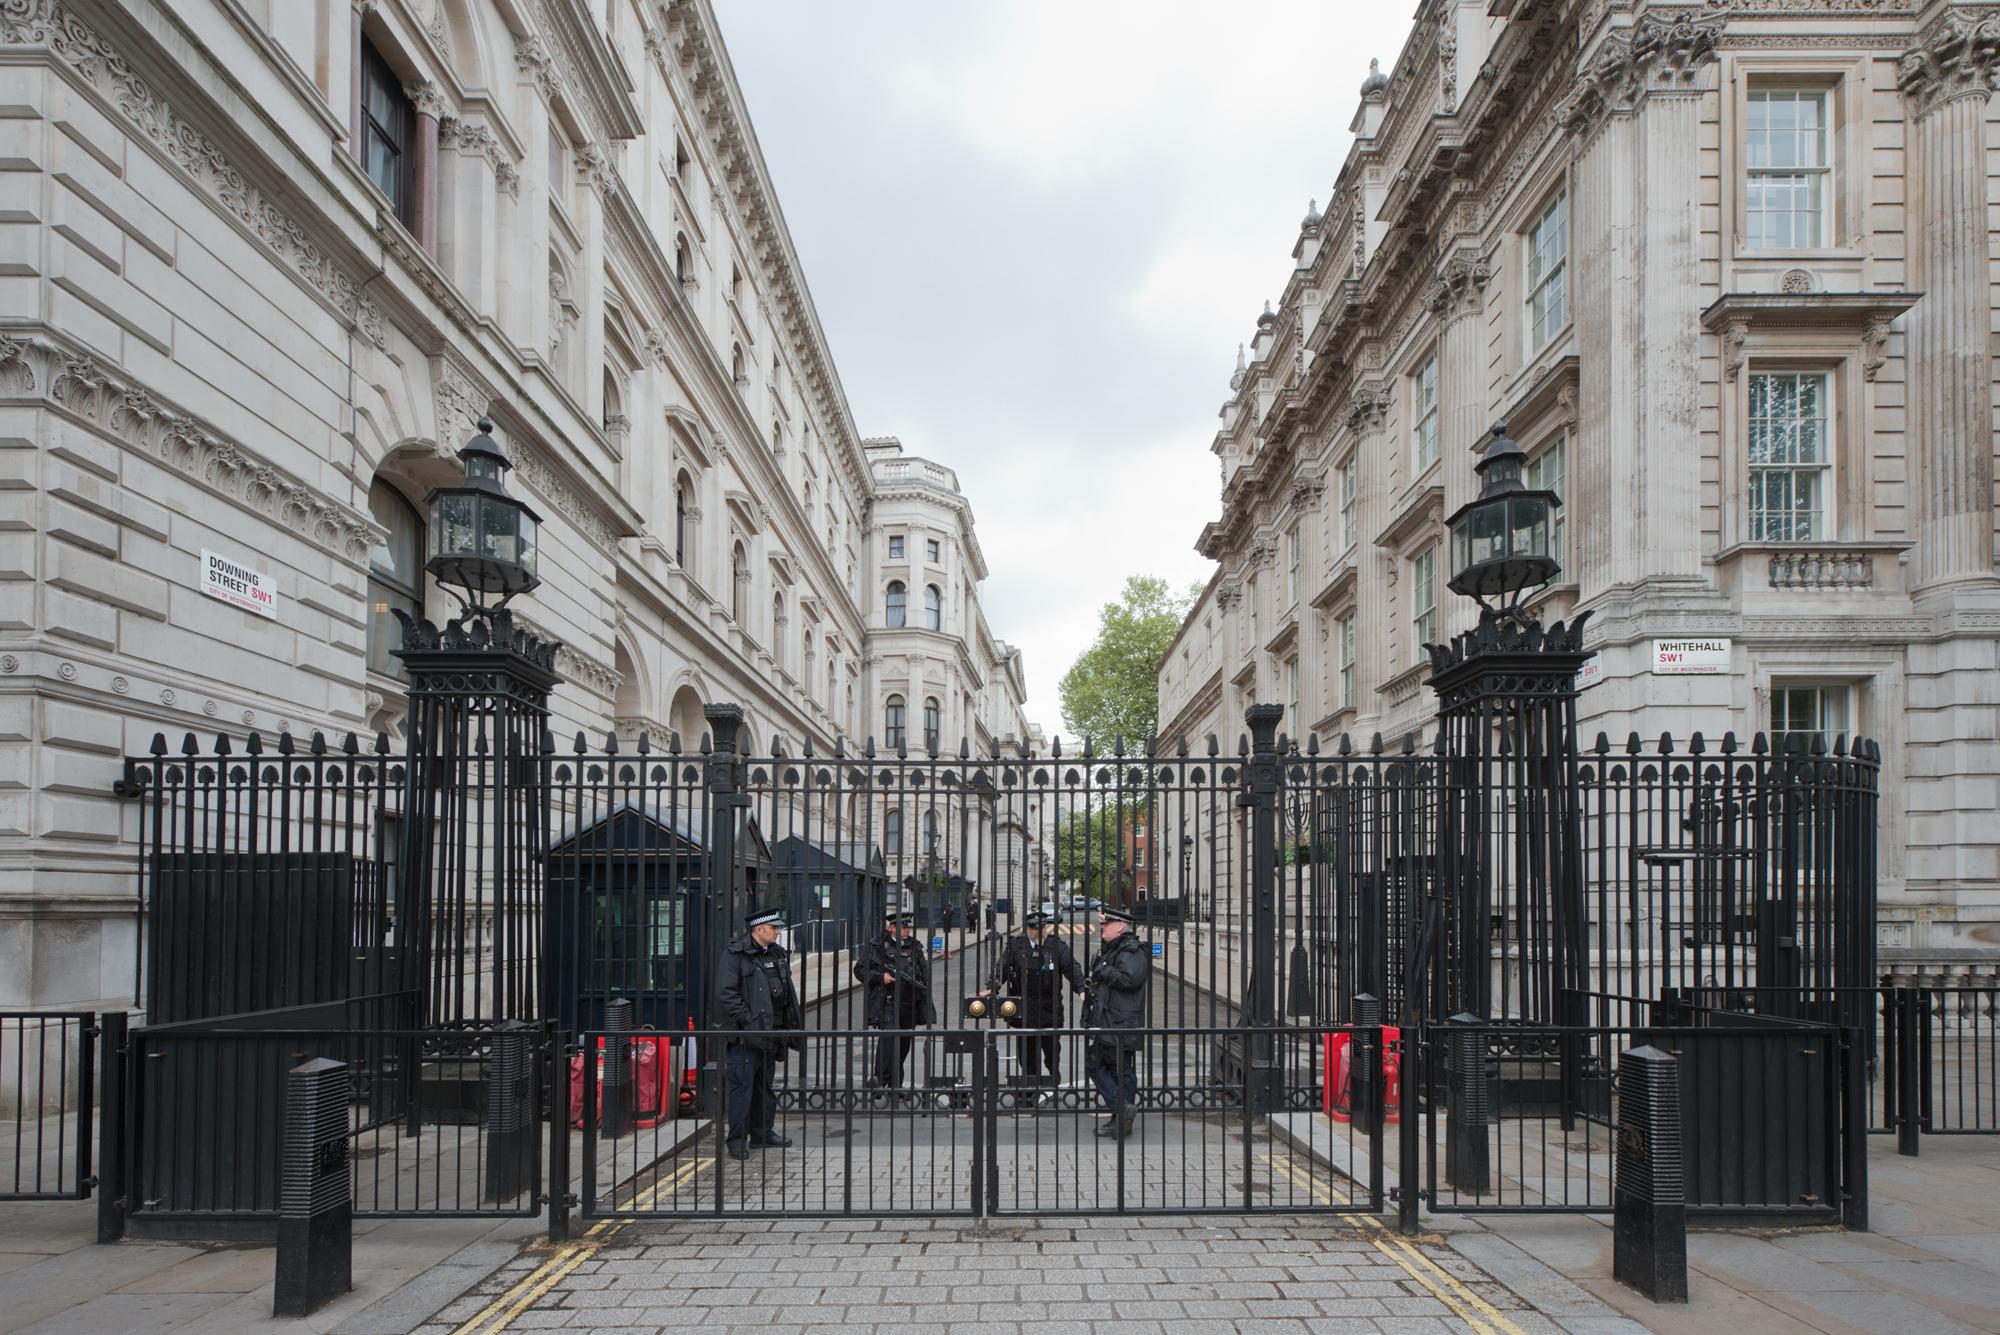 Risultati immagini per 10 downing street london